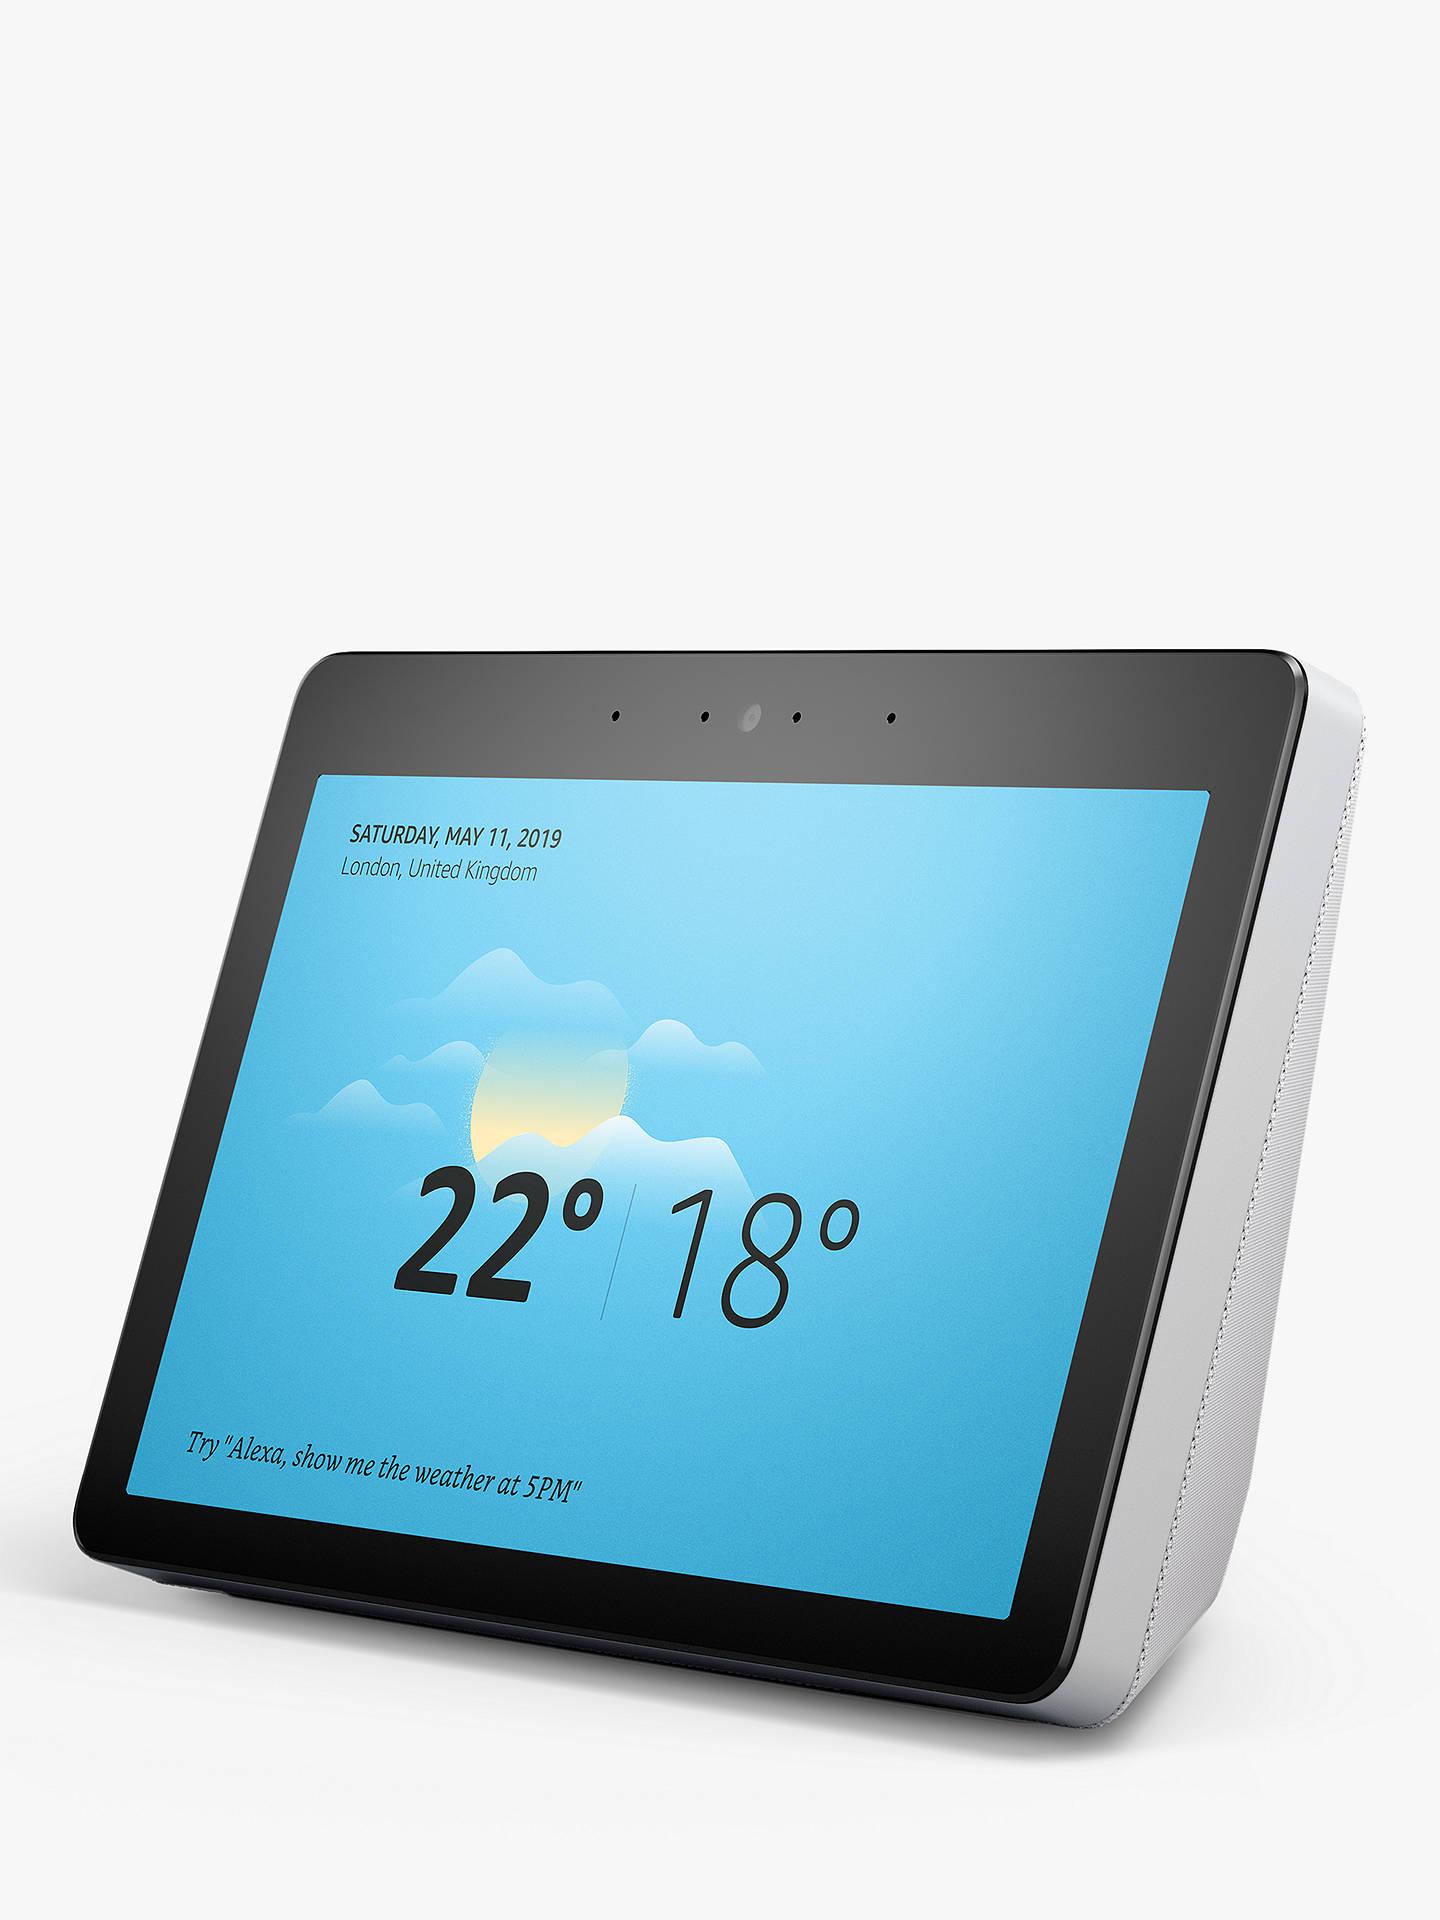 fa20c70e69746 Amazon Echo Show Smart Speaker with 10